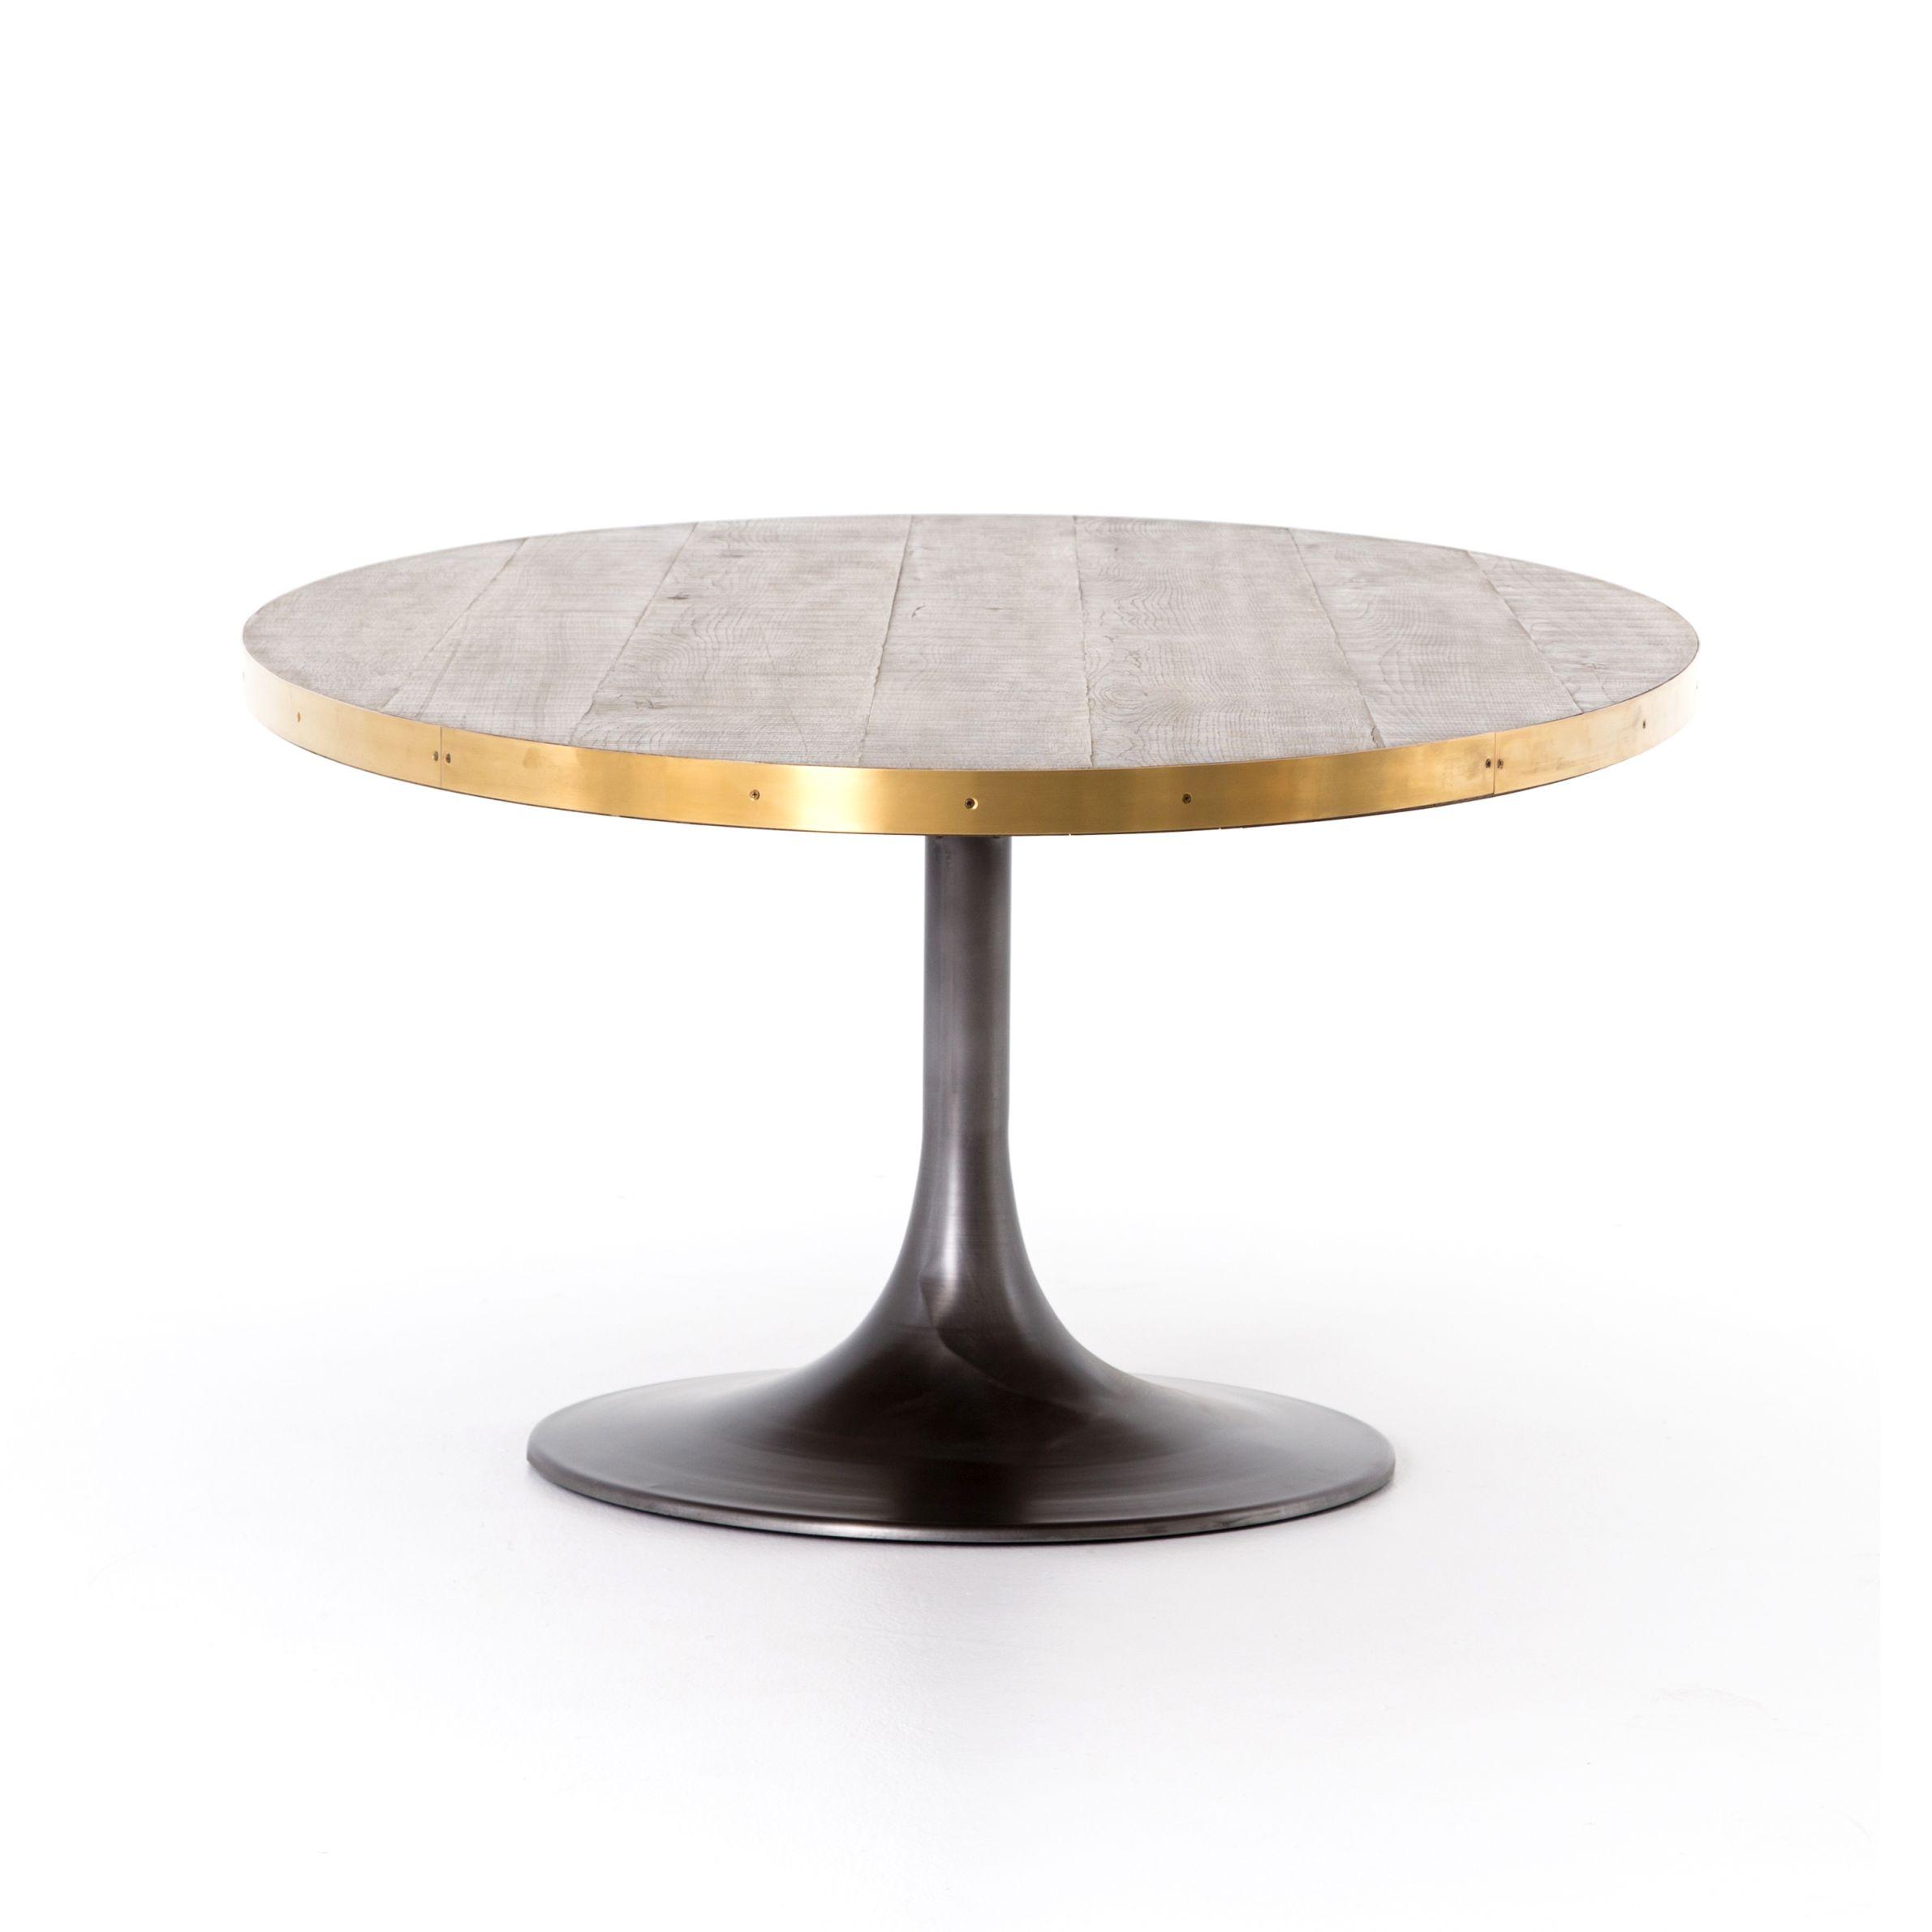 eero aluminium top replica saarinen marble table interior dining secrets tulip